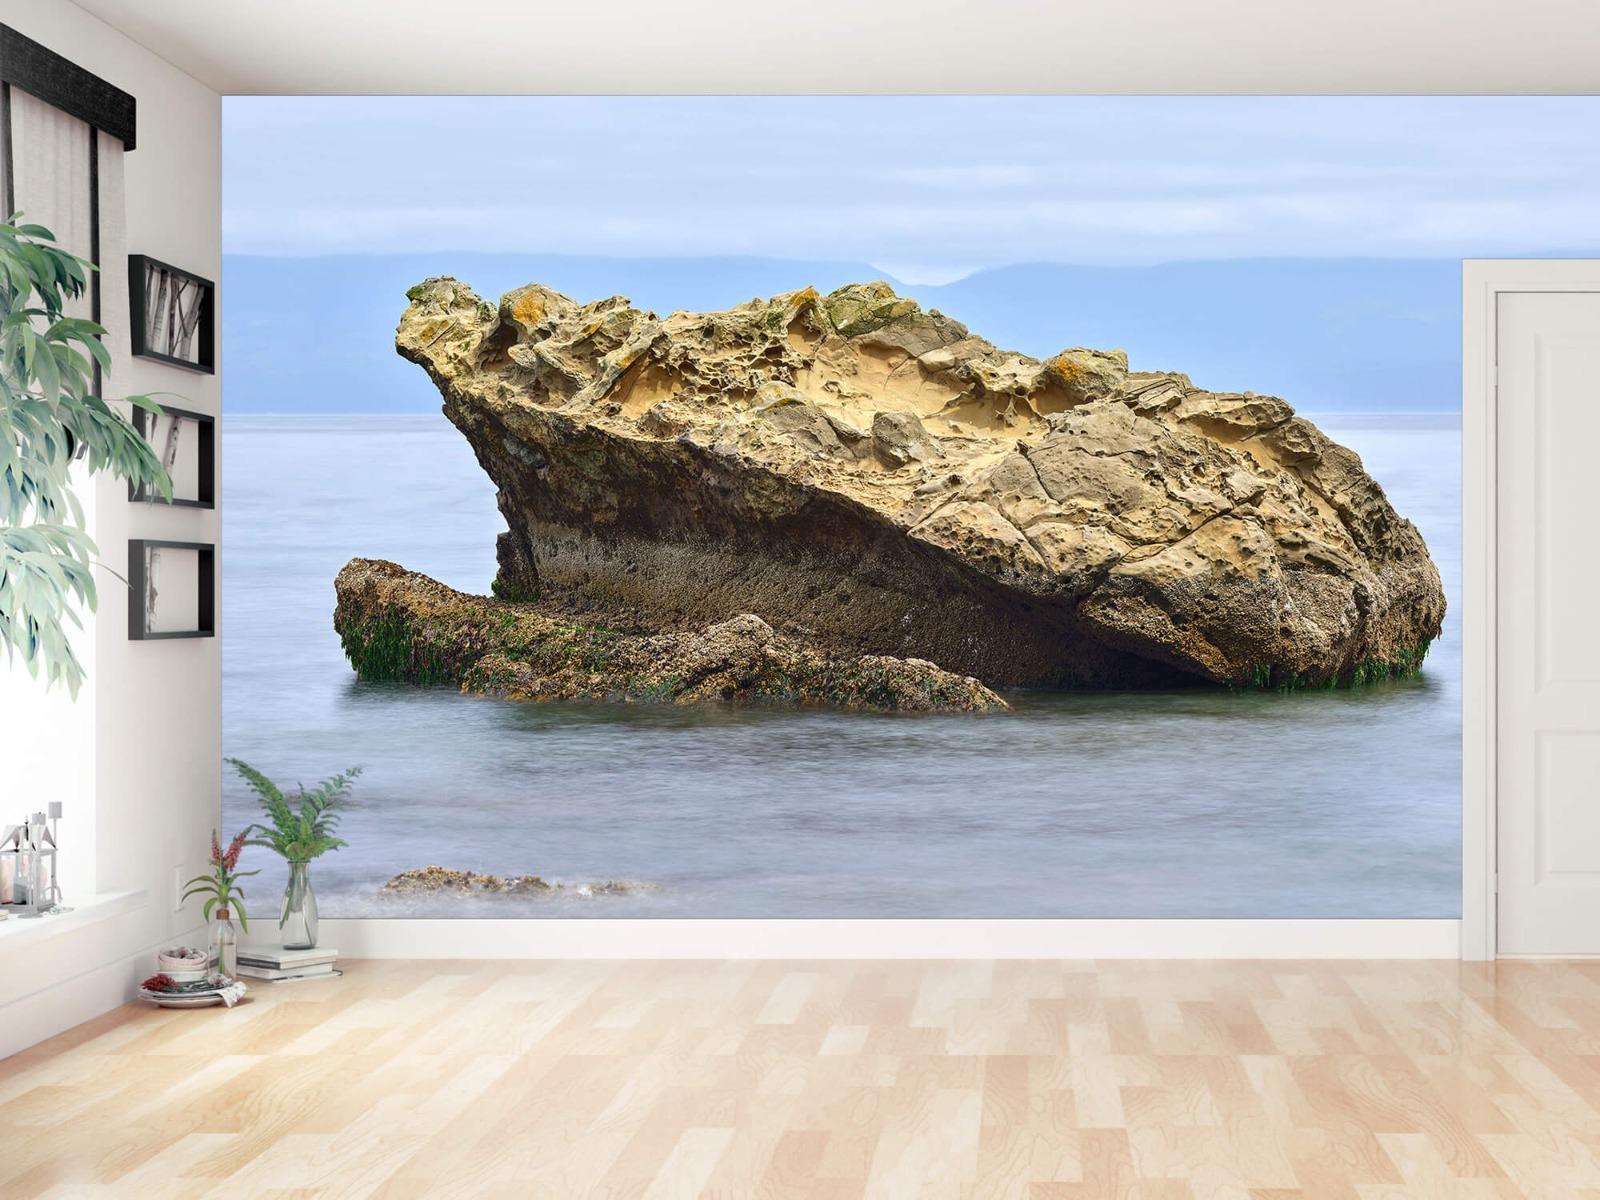 Zeeën en Oceanen - Mooie rots aan de kust - Wallexclusive - Woonkamer 11